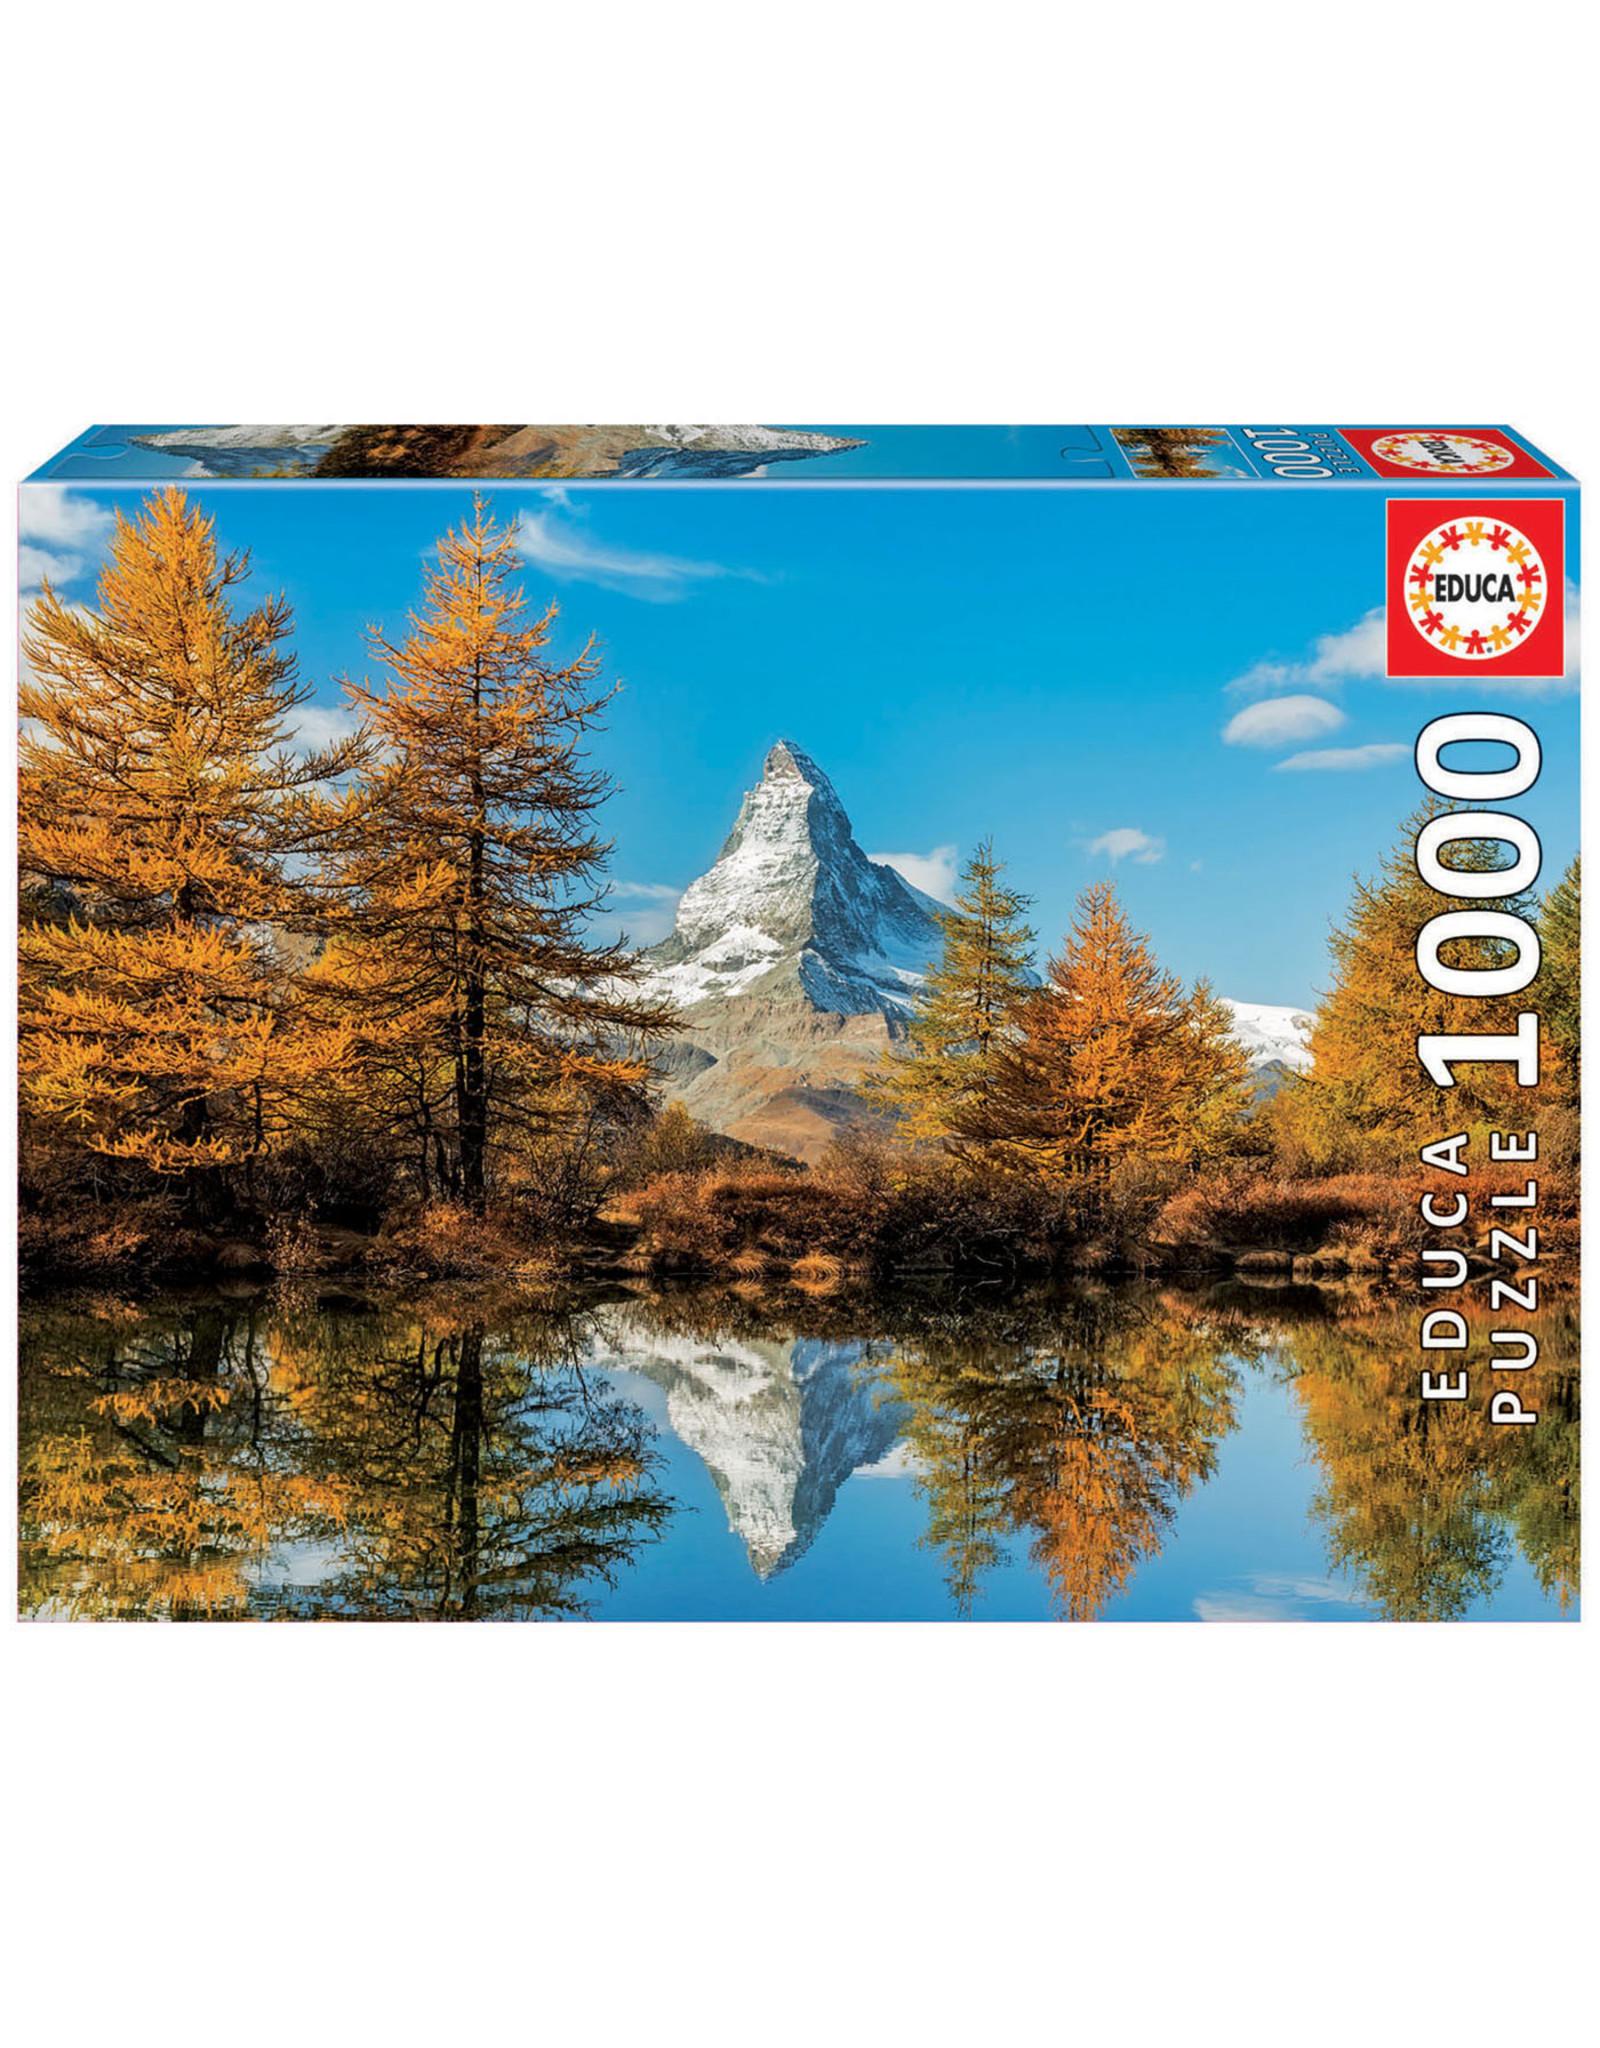 Educa Puzzles Matterhorn Mountain in Autumn 1000pc